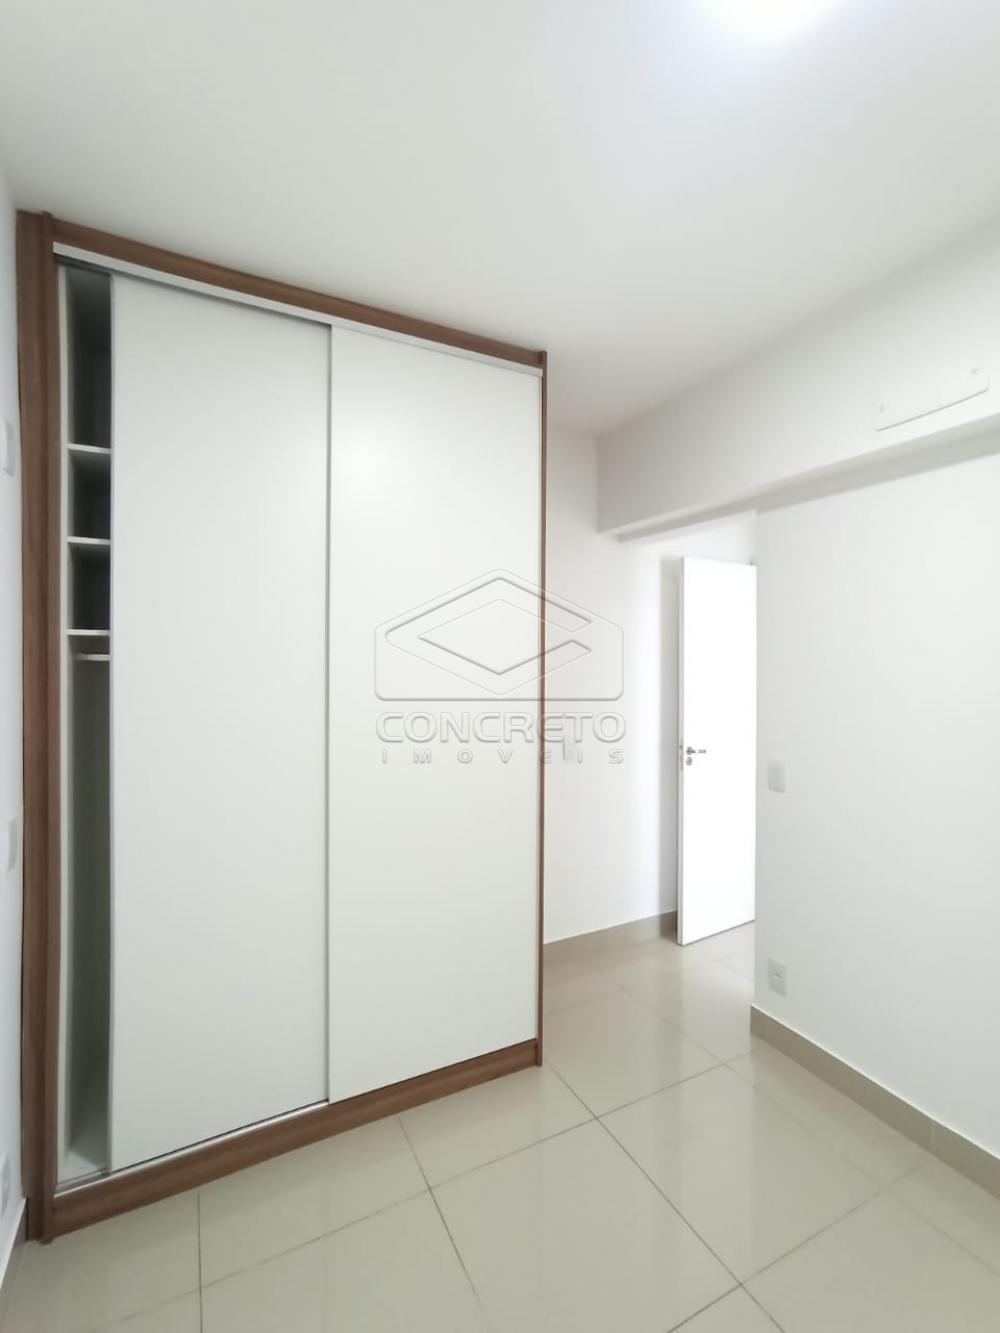 Alugar Apartamento / Padrão em Bauru apenas R$ 2.800,00 - Foto 12